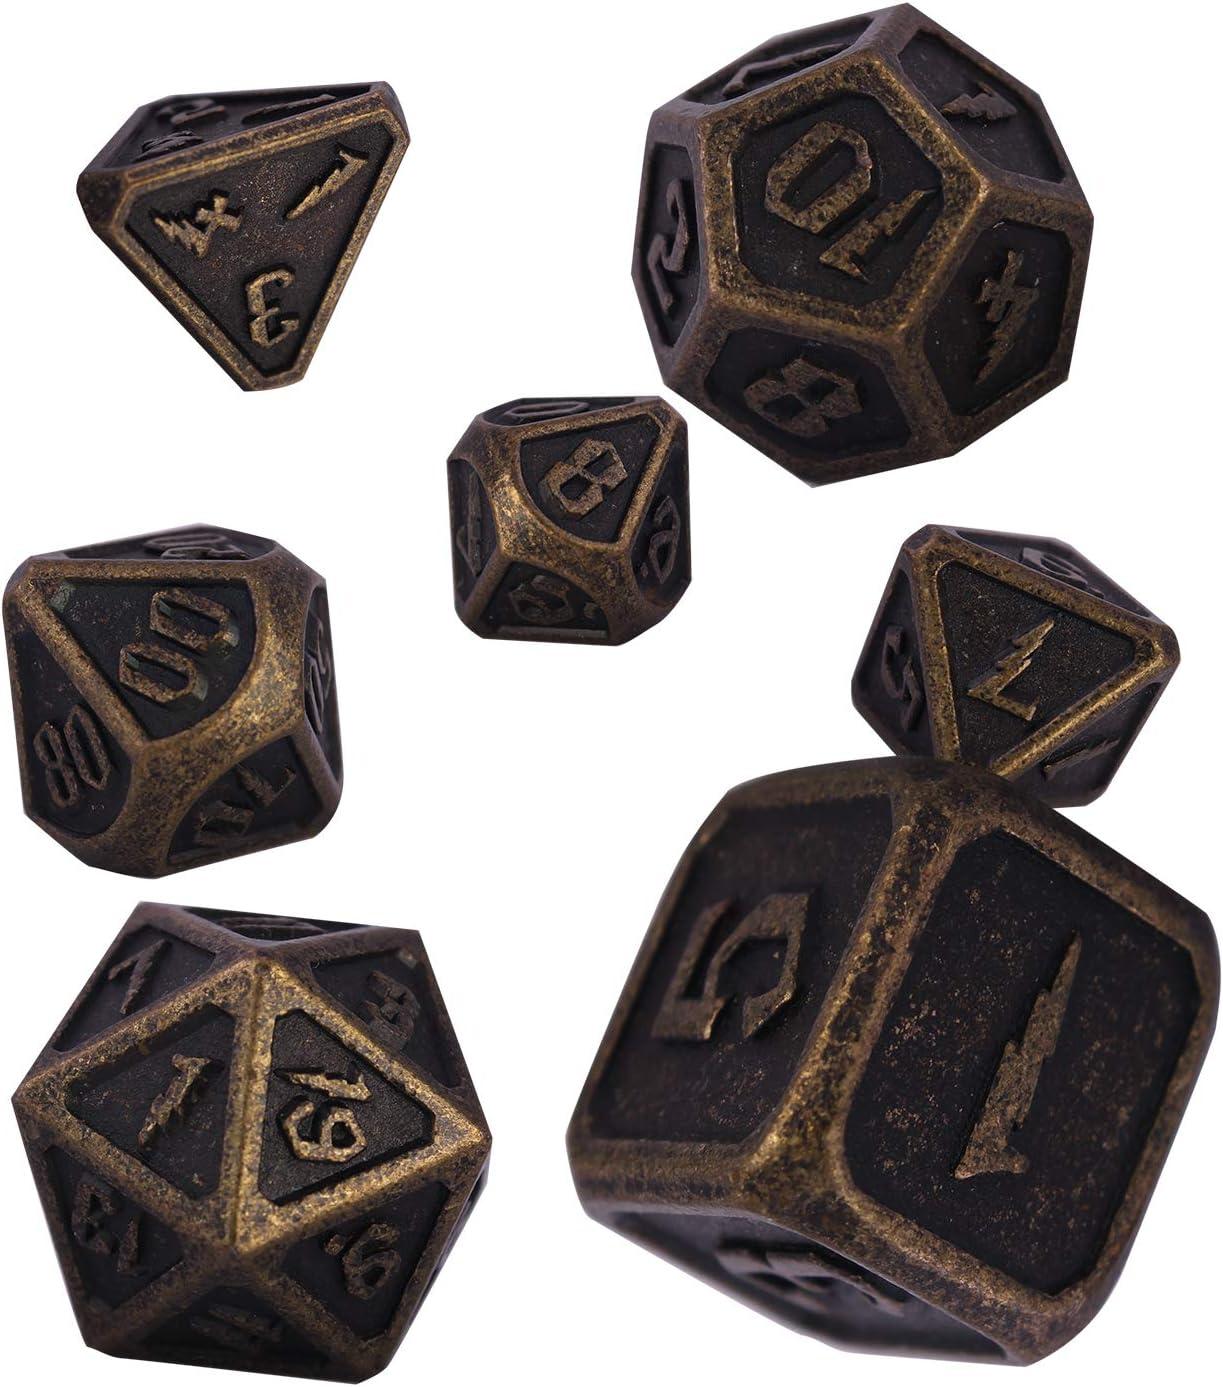 Schleuder Polyedrische W/ürfel Set DND Metal Dice Set Antique Bronze Dungeons and Dragons Metall W/ürfelset Rollenspiele Pathfinder D/&D RPG MTG Brettspiele